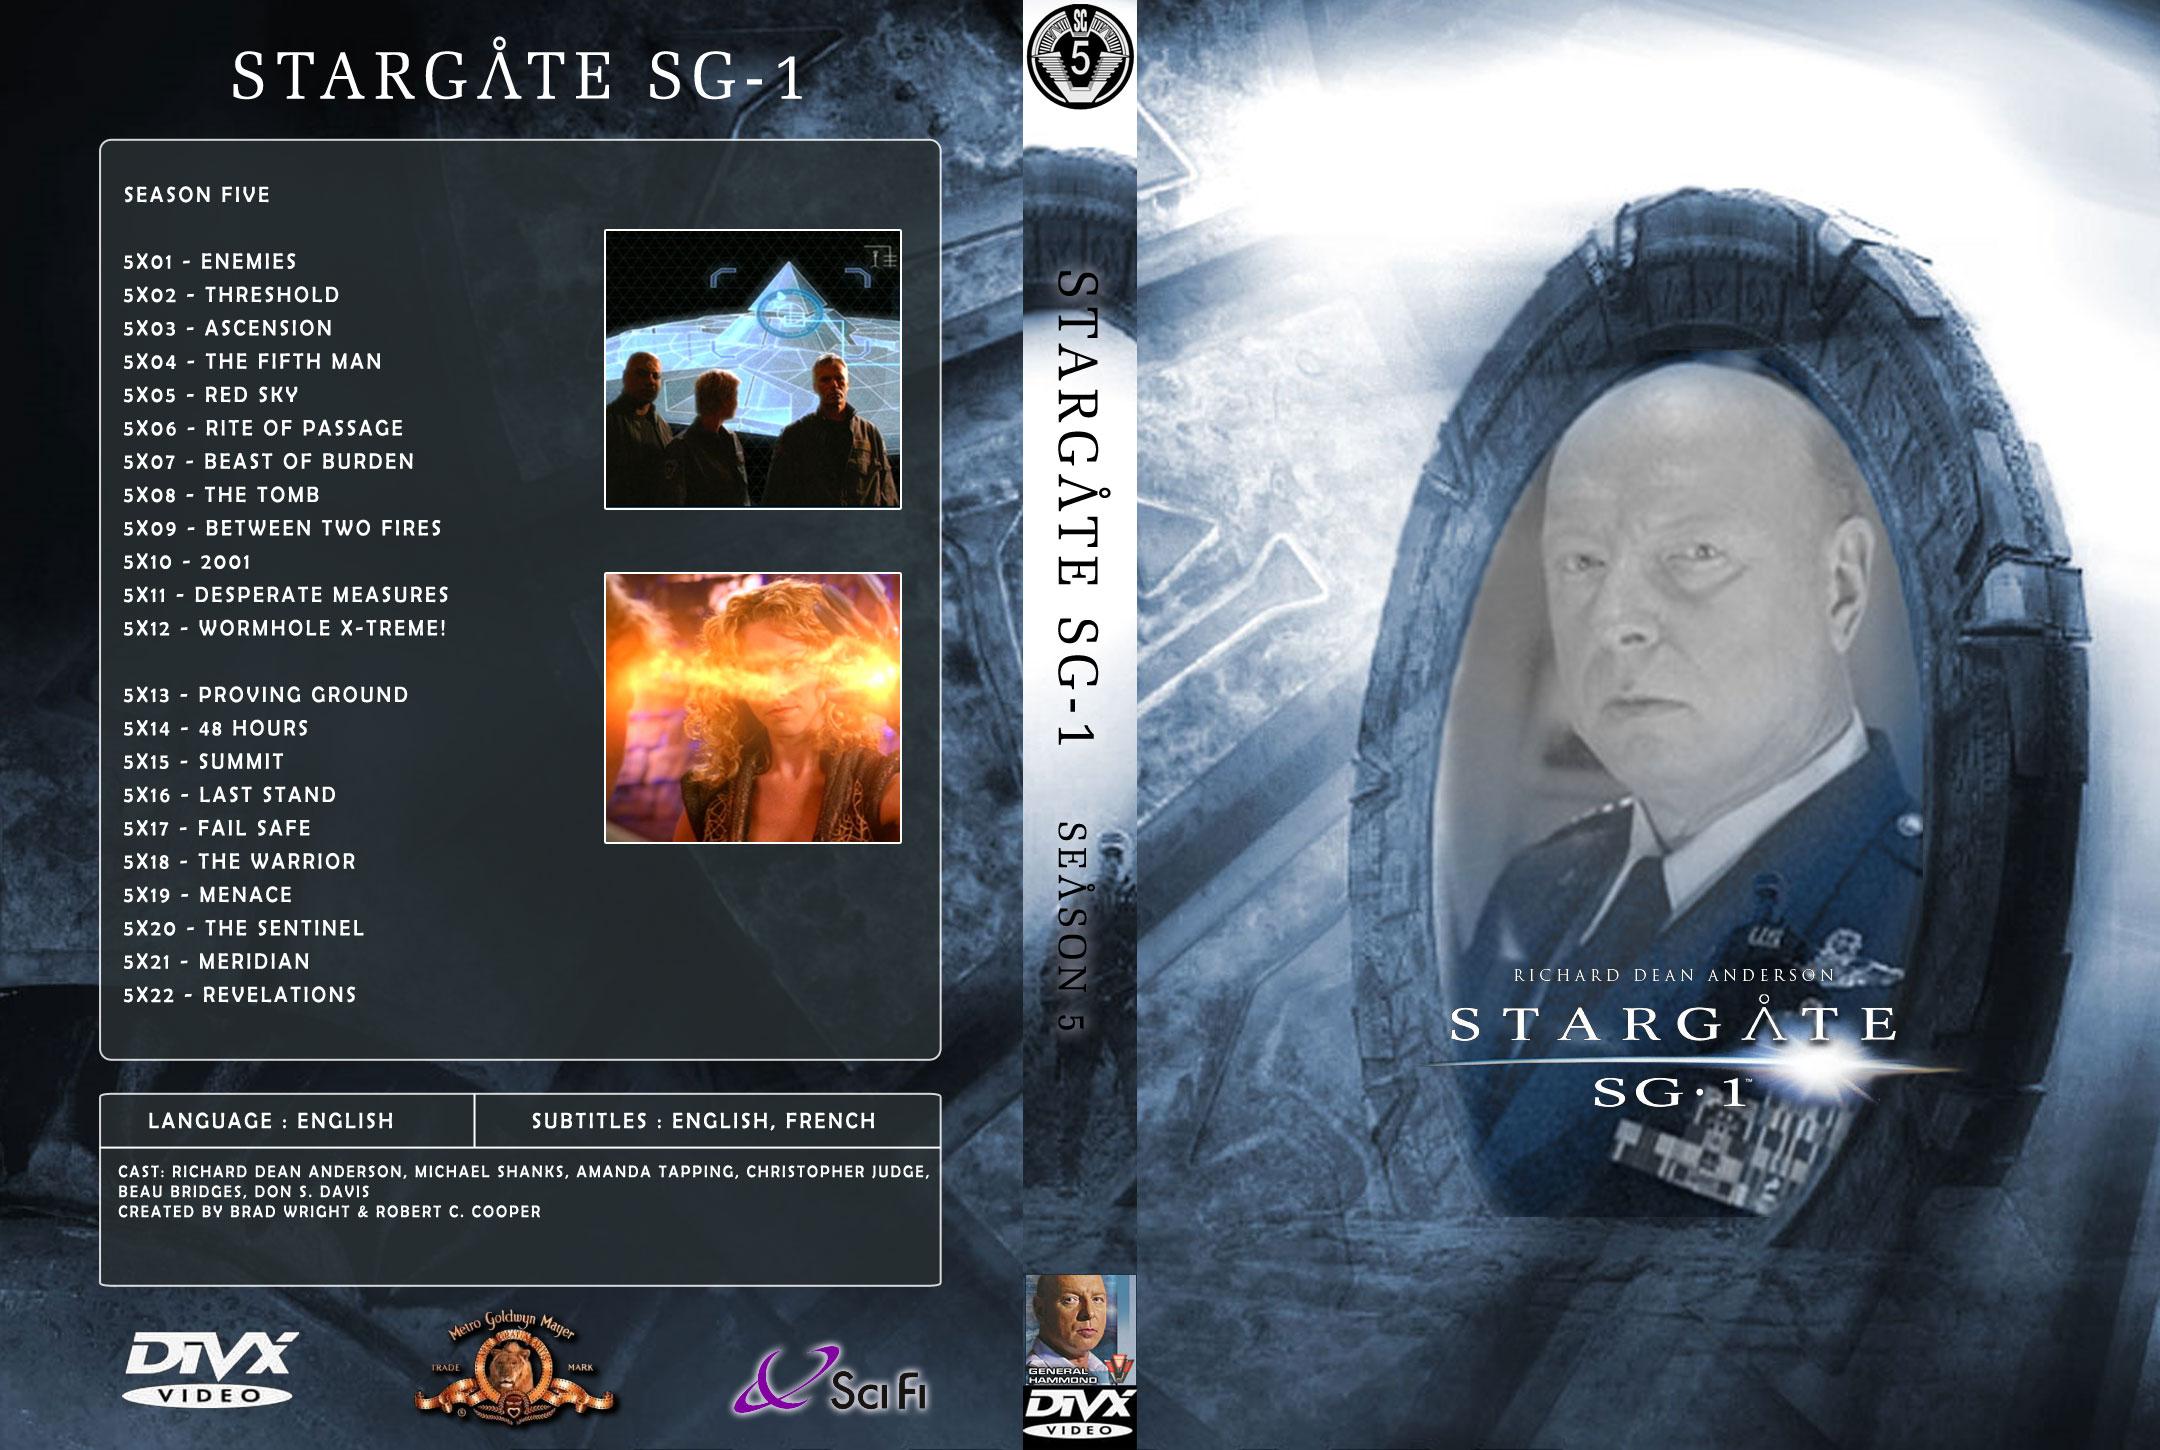 выход фильма звездные врата ковчег правды на dvd: